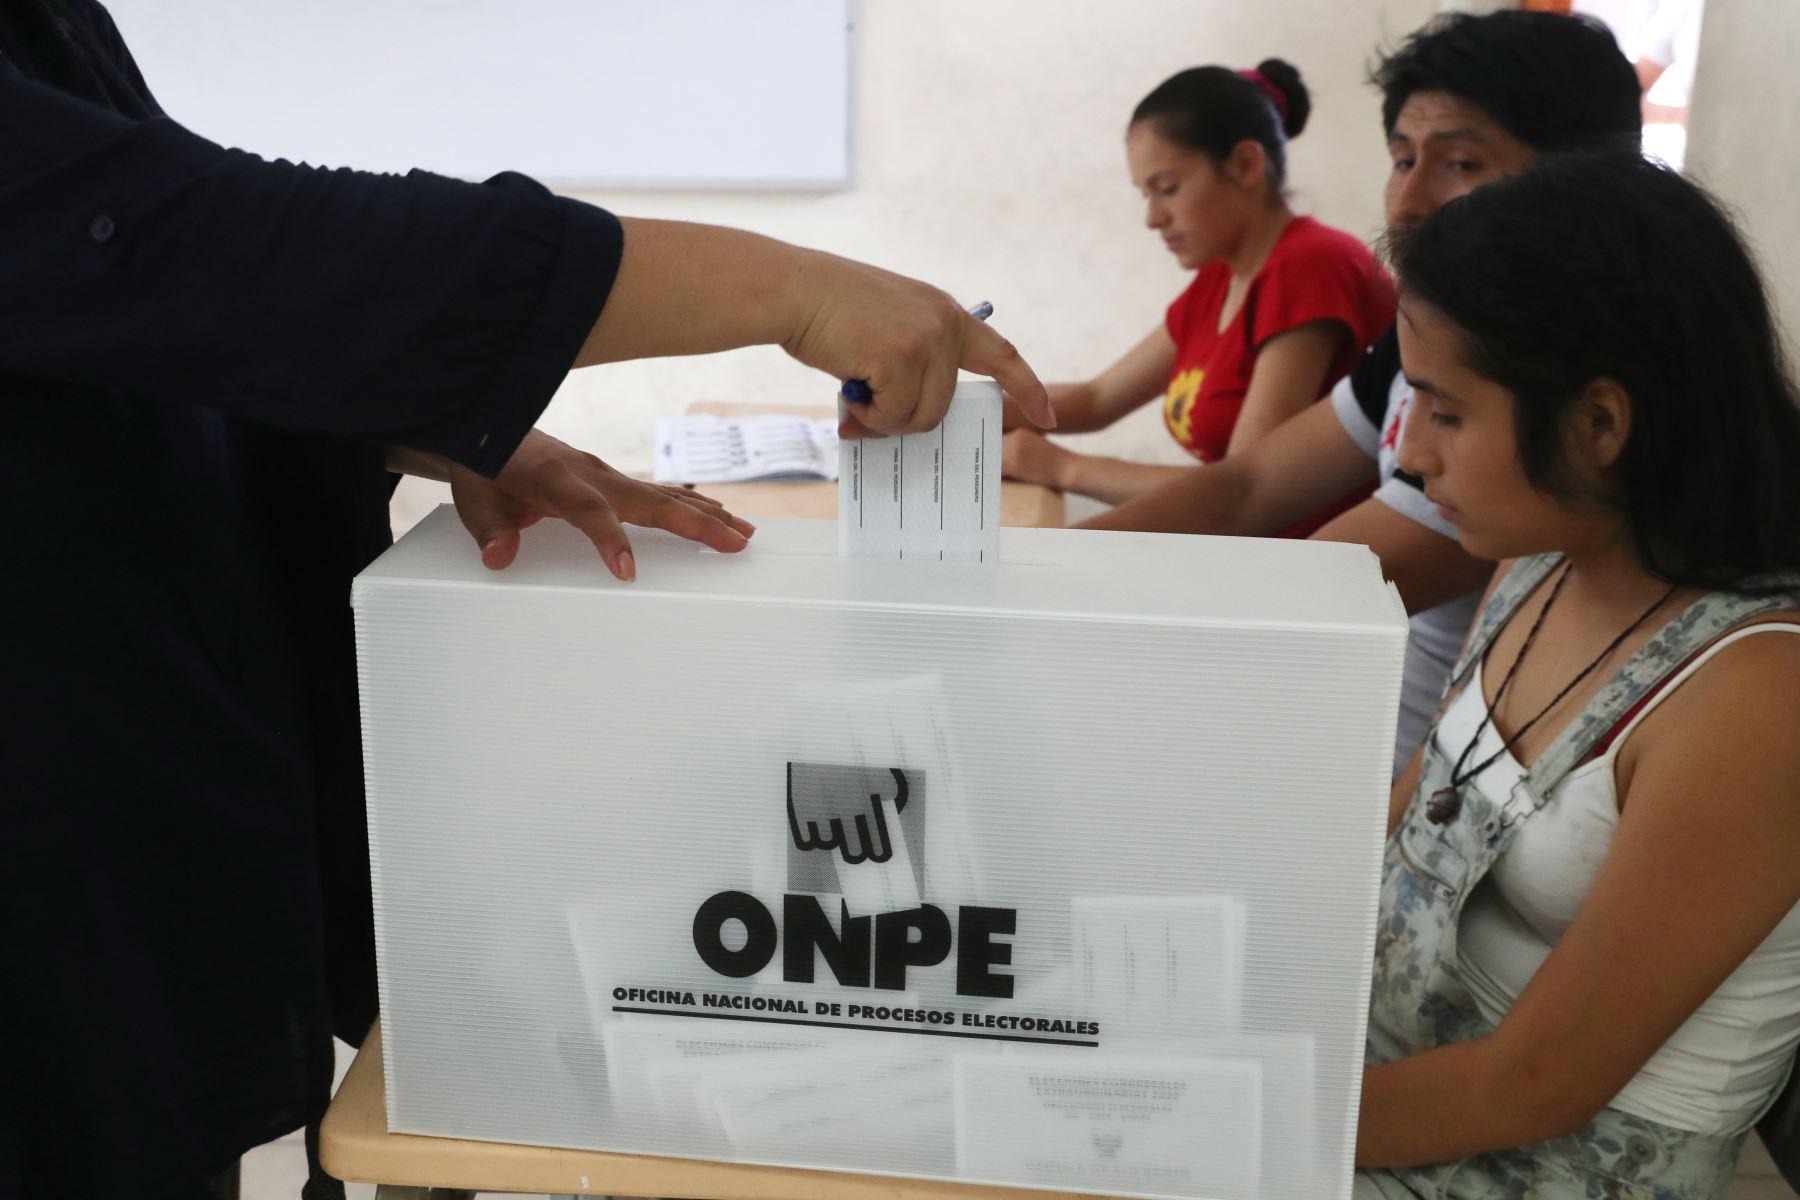 partidos-elegiran-a-sus-candidatos-el-29-de-noviembre-y-6-de-diciembre